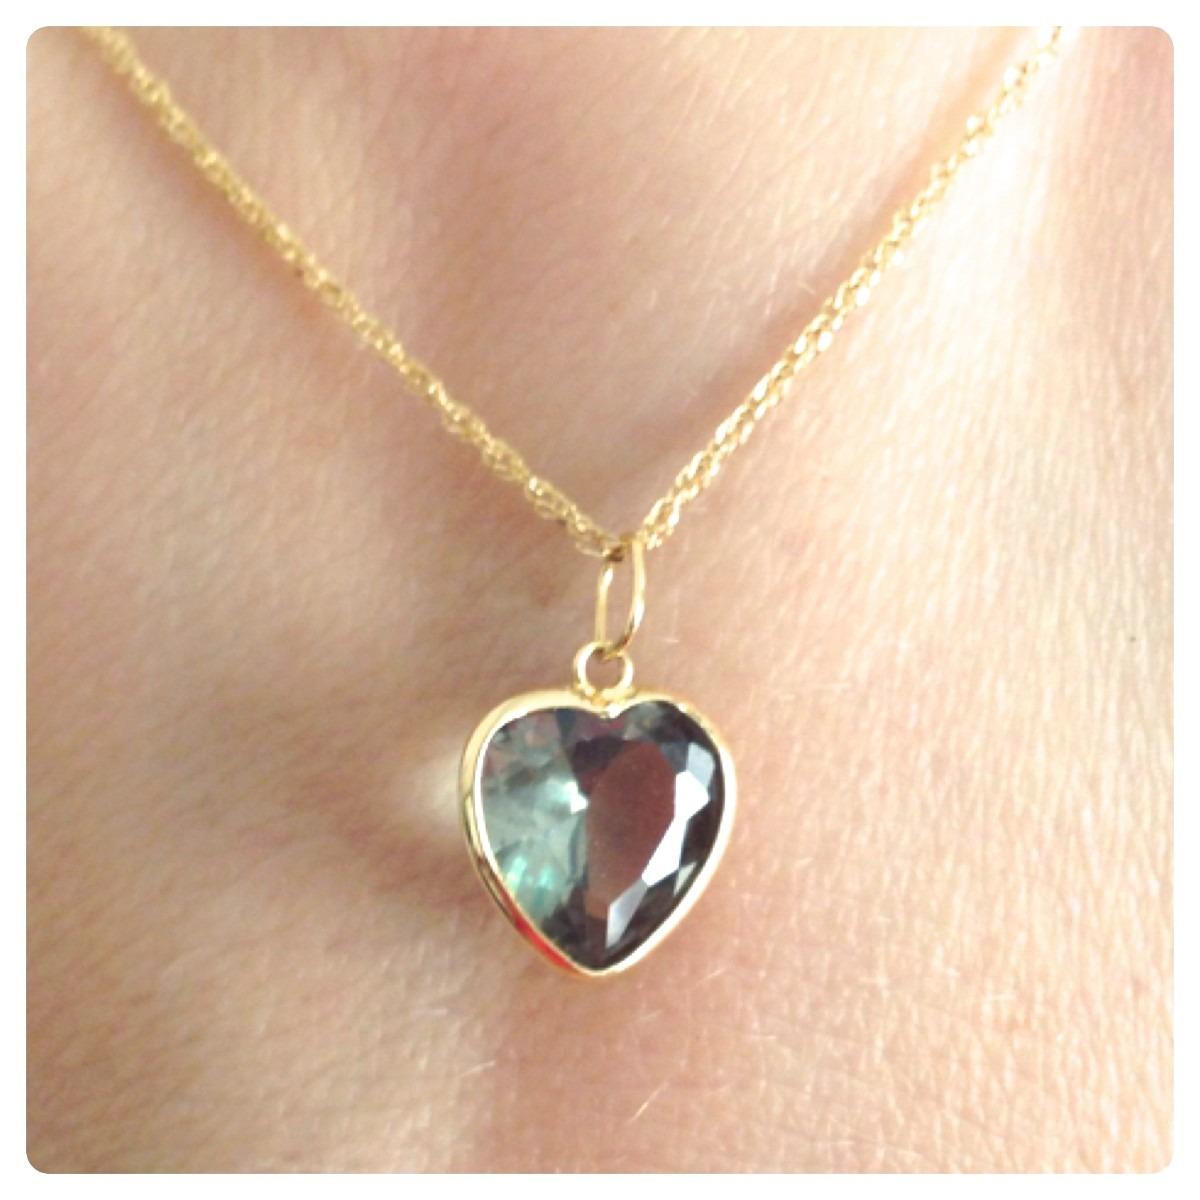 94e85a6e58977 cordão feminino de ouro 18k e pingente coração 8mm cor verde. Carregando  zoom.